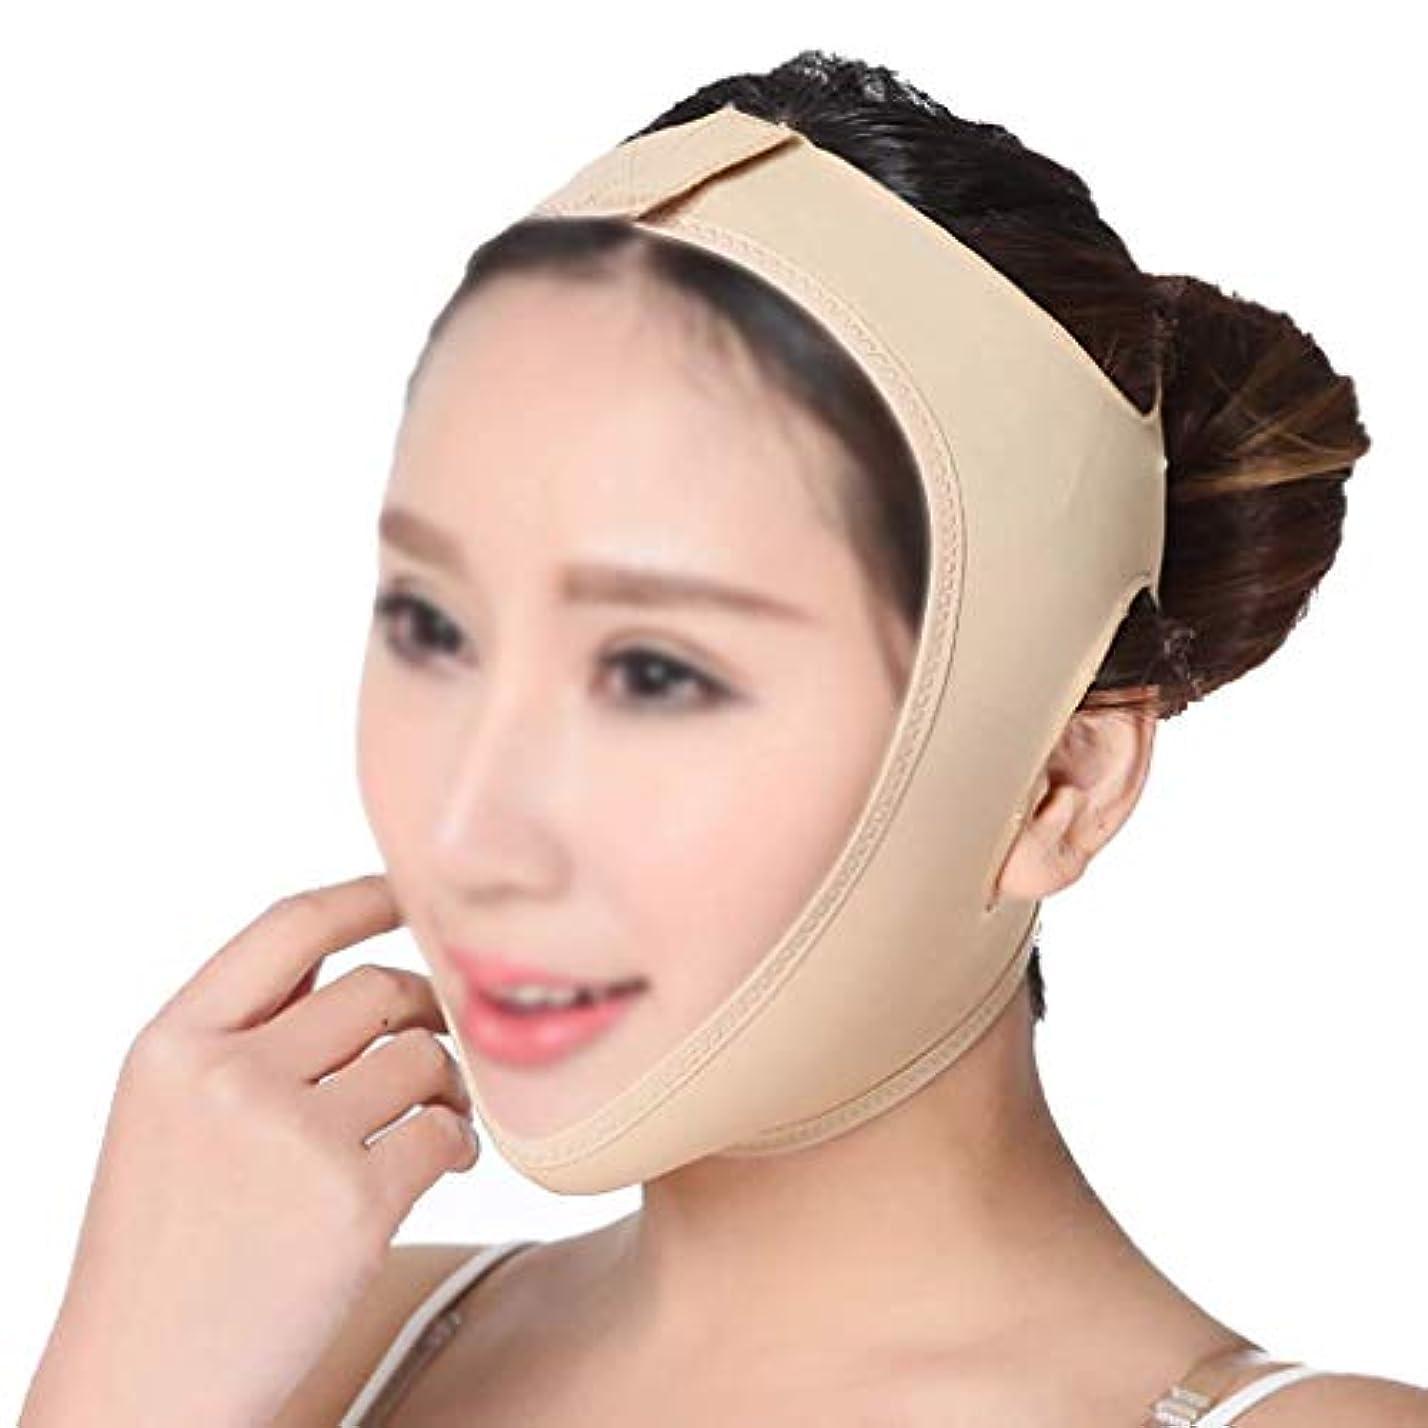 うんざり起訴するしてはいけませんフェイスリフティングマスク、持ち上がるあごと顔の肌、垂れ下がるのを防ぐ頬、快適で通気性のある生地、詰め物にすることを拒否、着用しやすい(サイズ:XL)